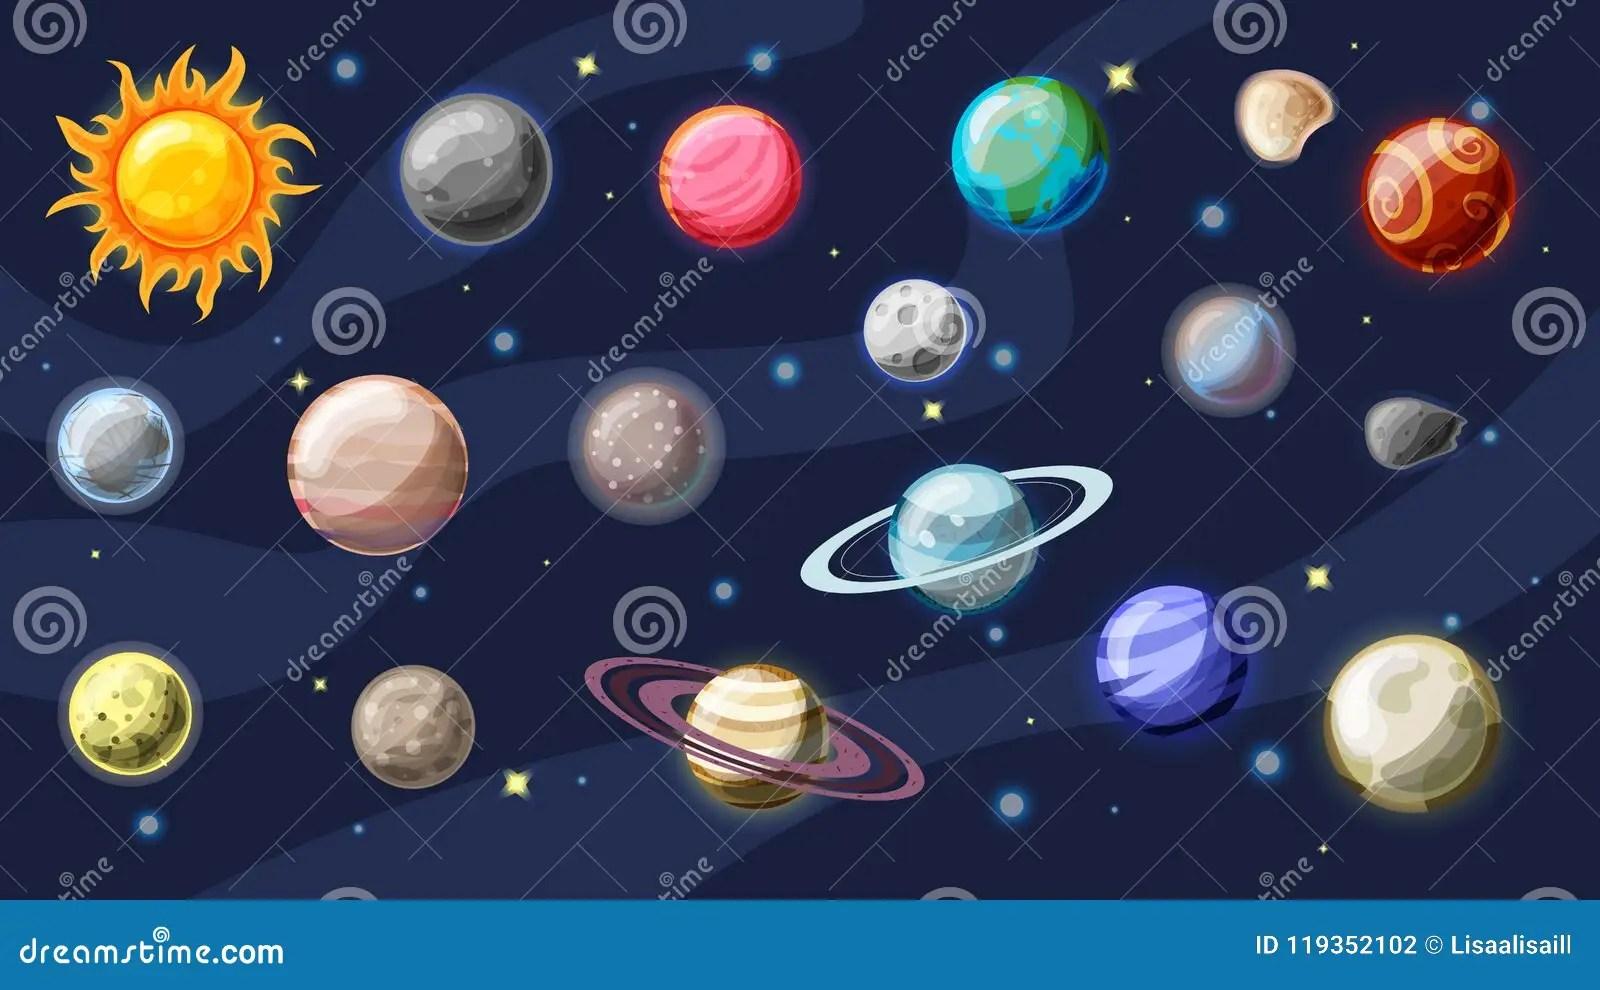 solar system vector cartoon